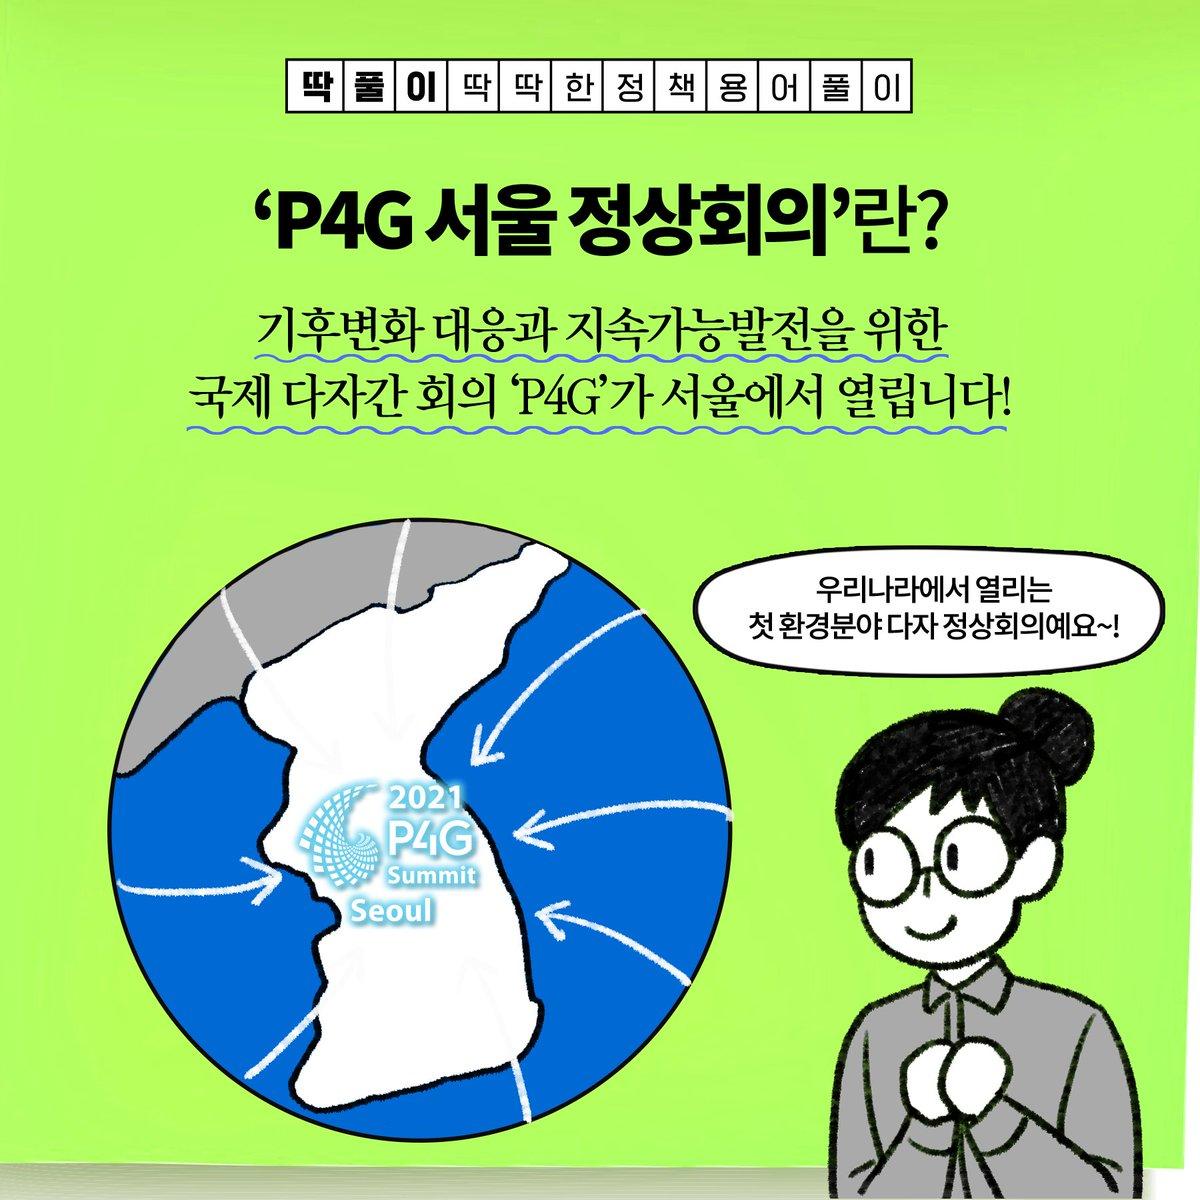 """""""#탄소중립 을 위해 전 세계가 서울로 모인다?!""""우리나라에서 열리는 첫 환경분야 다자 정상회의P4G 서울 정상회의!기후변화 대응을 위해어떤 이야기를 나누고우리나라는 어떤 역할을 할까요!?오늘의 #딱풀이 #P4G서울정상회의딱딱한 정책 쉽게 풀어보자구요https://t.co/Tl9tdVRCjn https://t.co/jwHt7AeBue"""